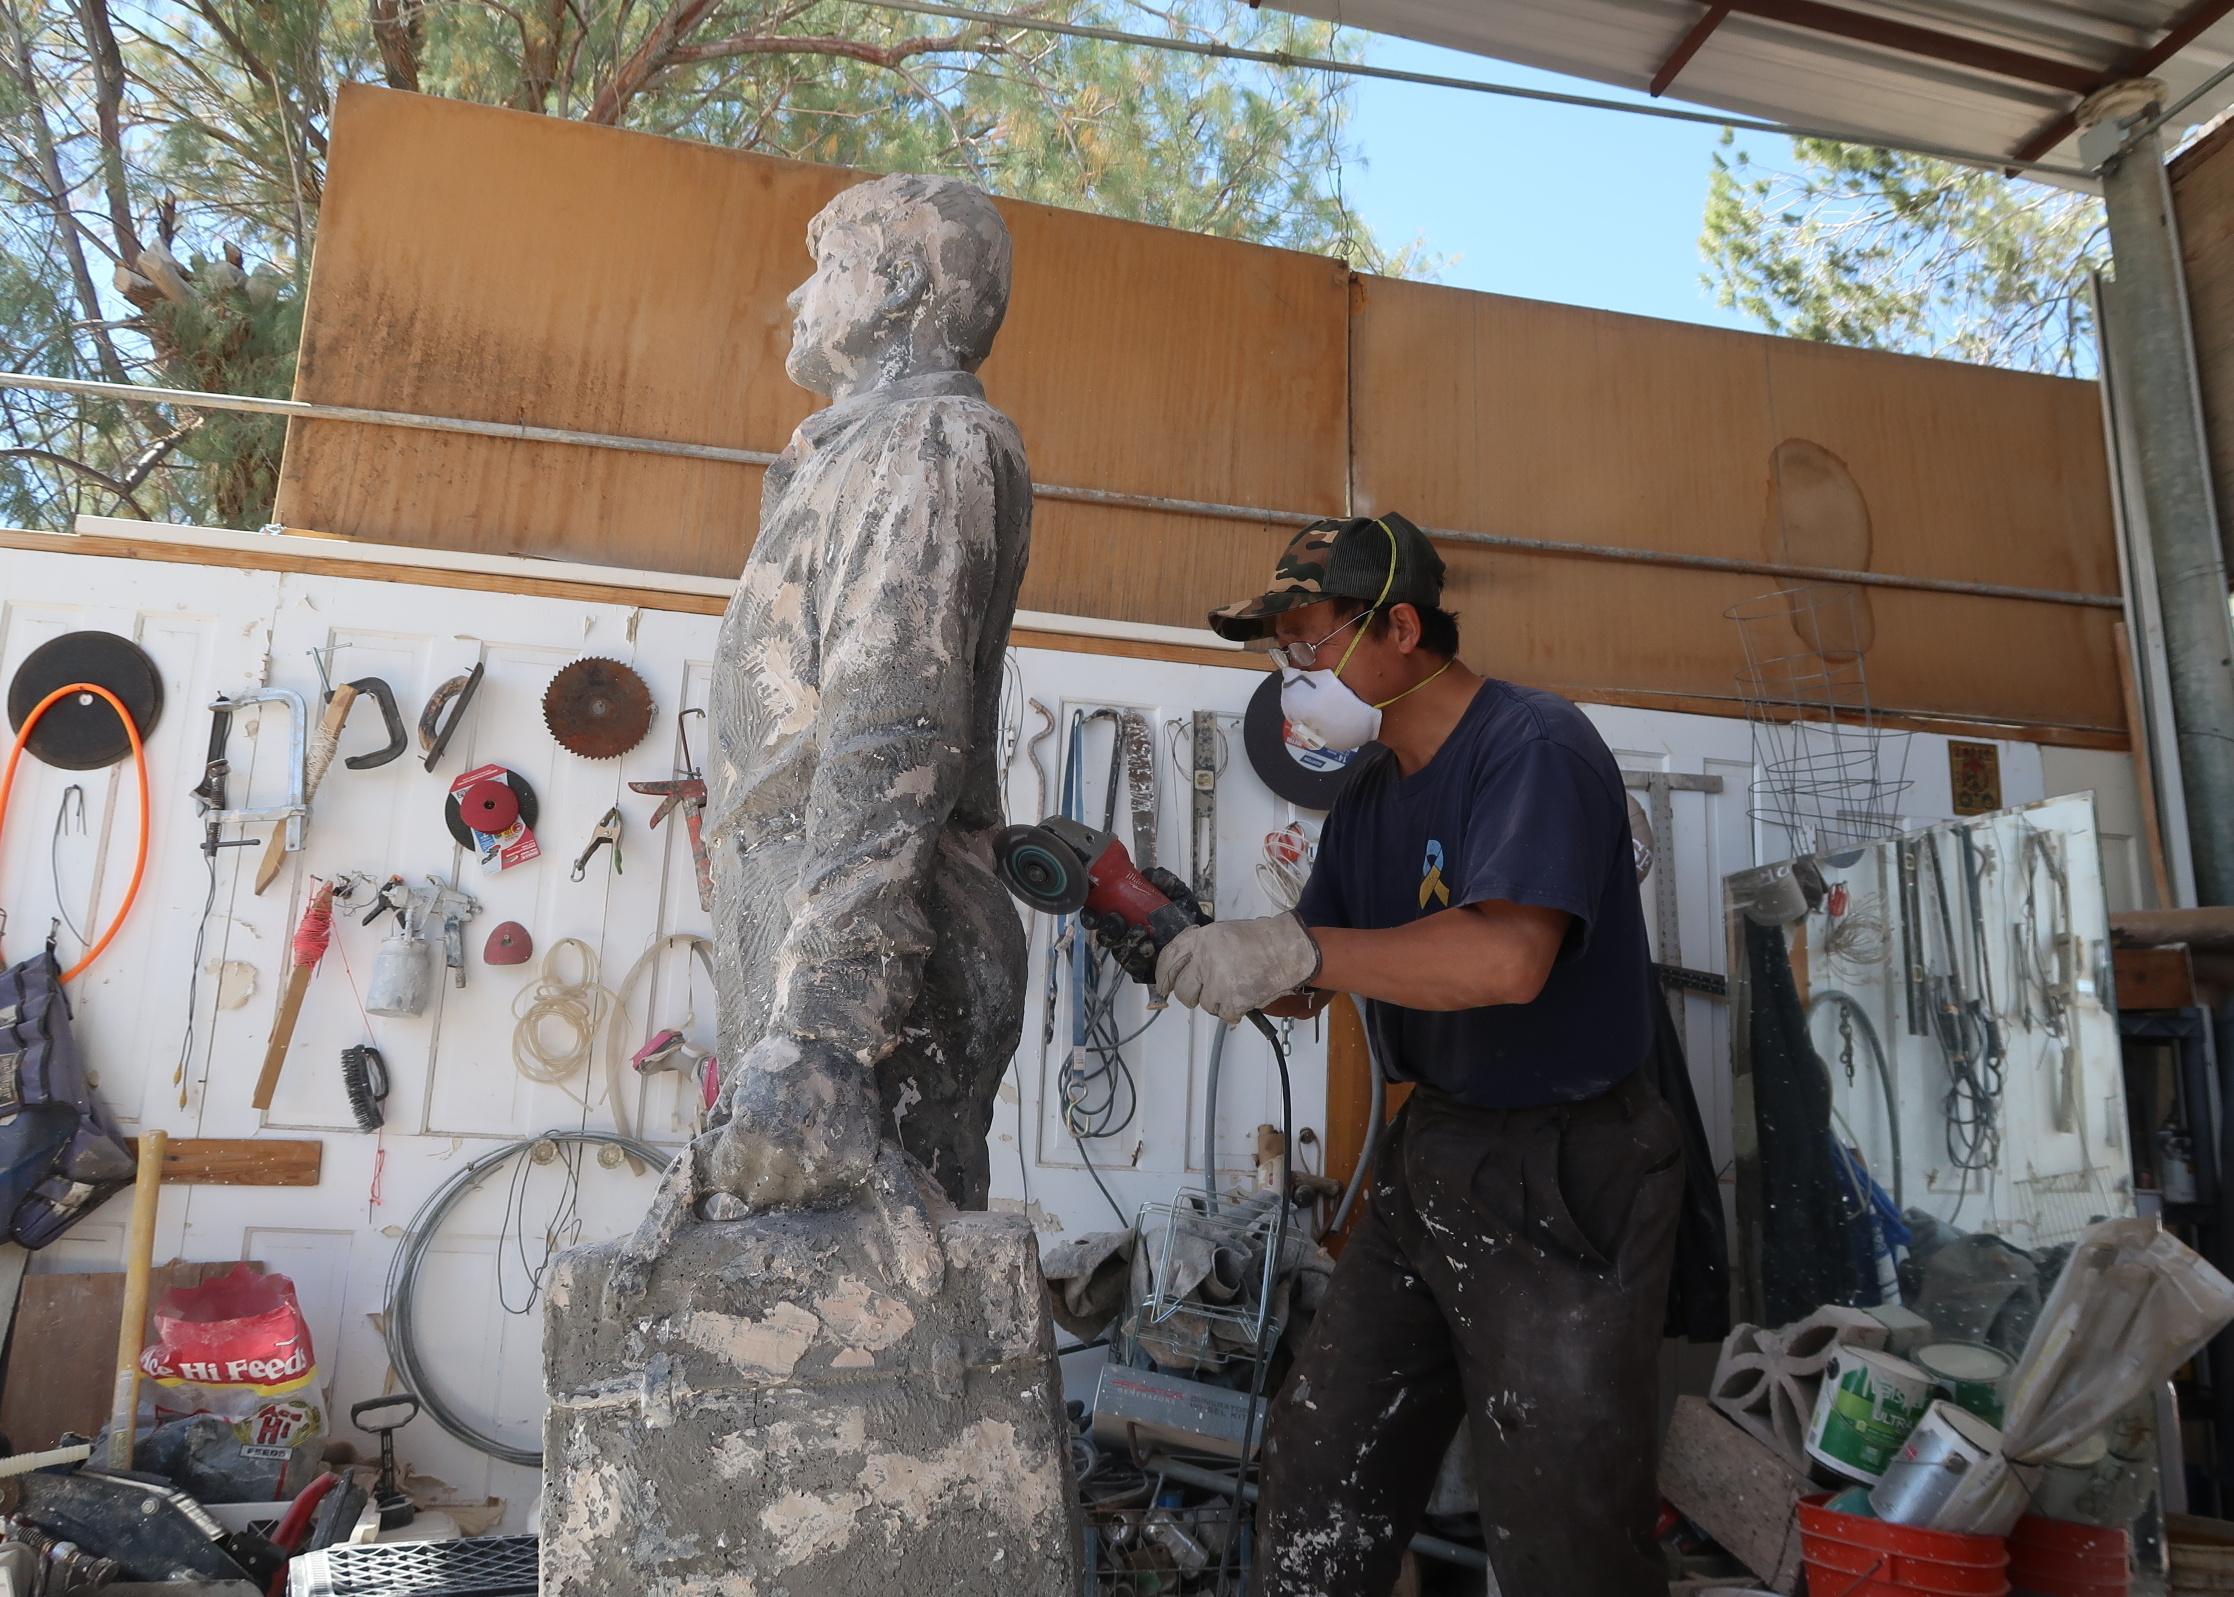 六四雕塑家陳維明調整「坦克人」雕塑細節神情。(徐繡惠/大紀元)